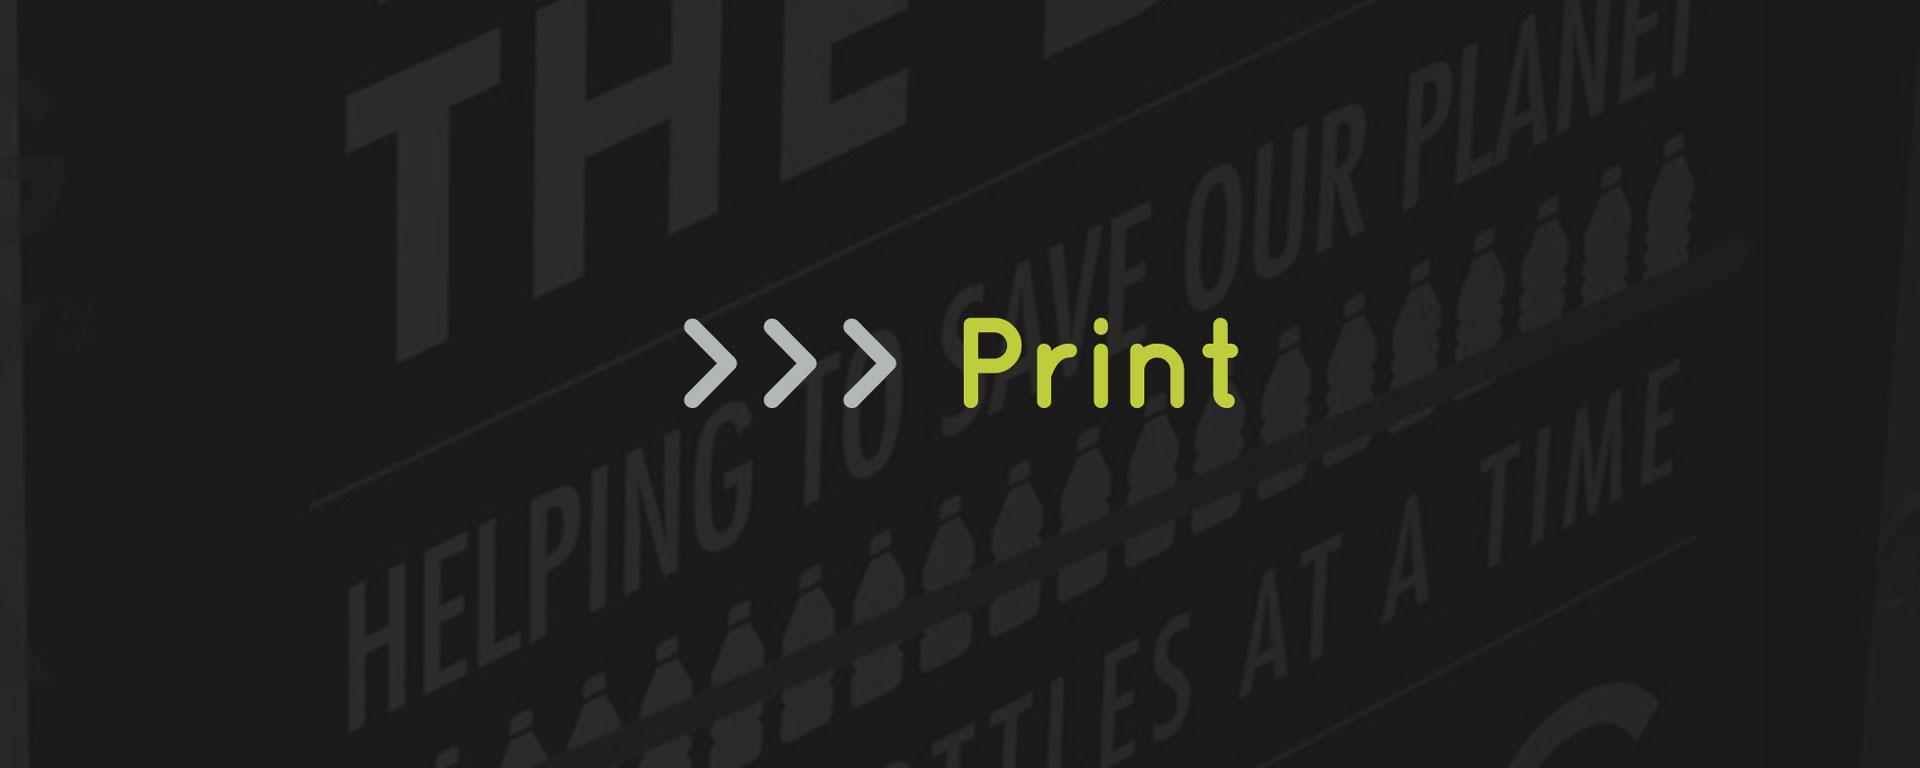 Cats Media - Print